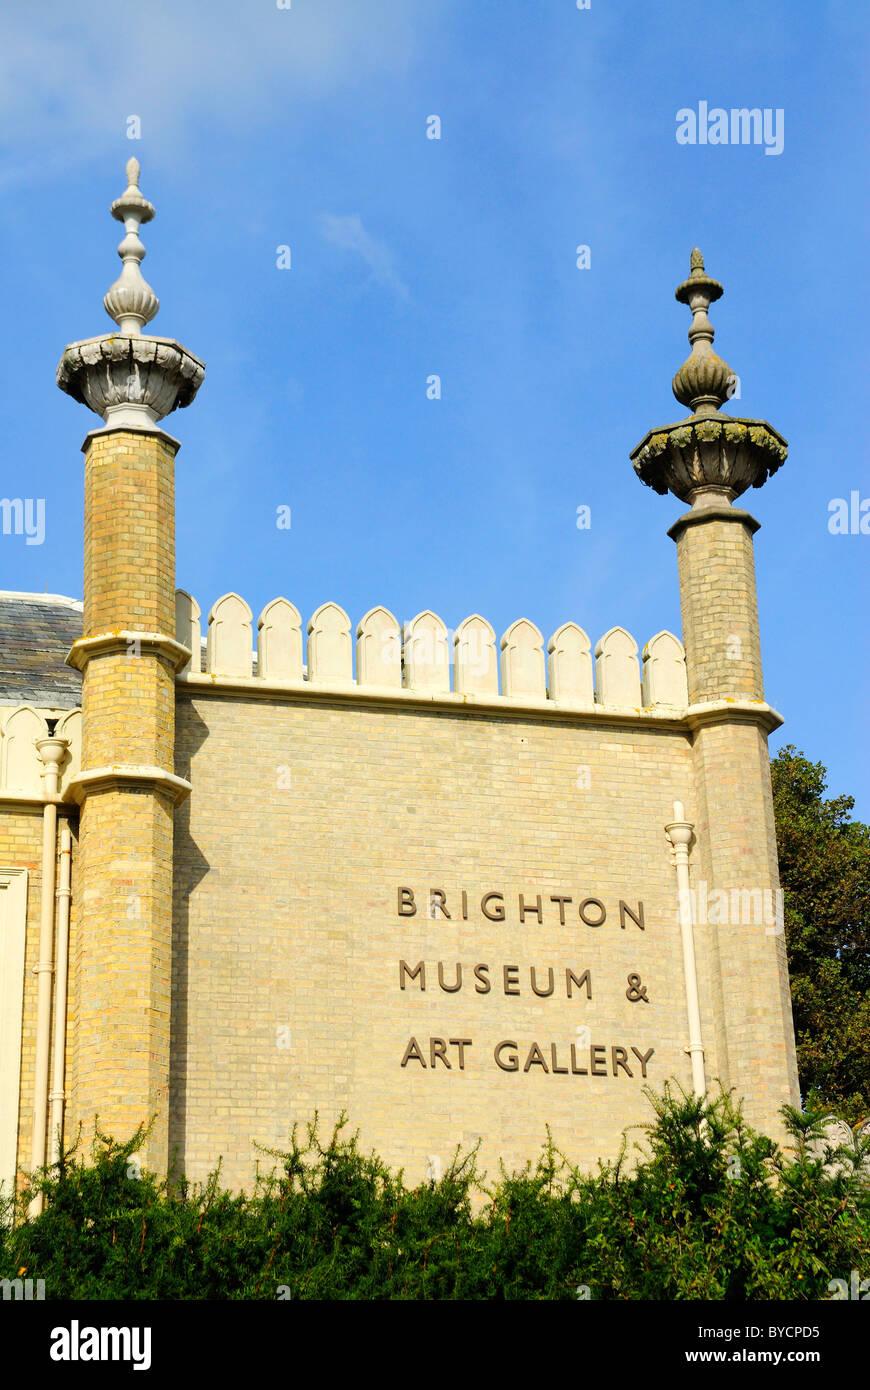 Brighton Museum and Art Gallery, Royal Pavilion Gardens, Brighton, Britain - 2010 - Stock Image